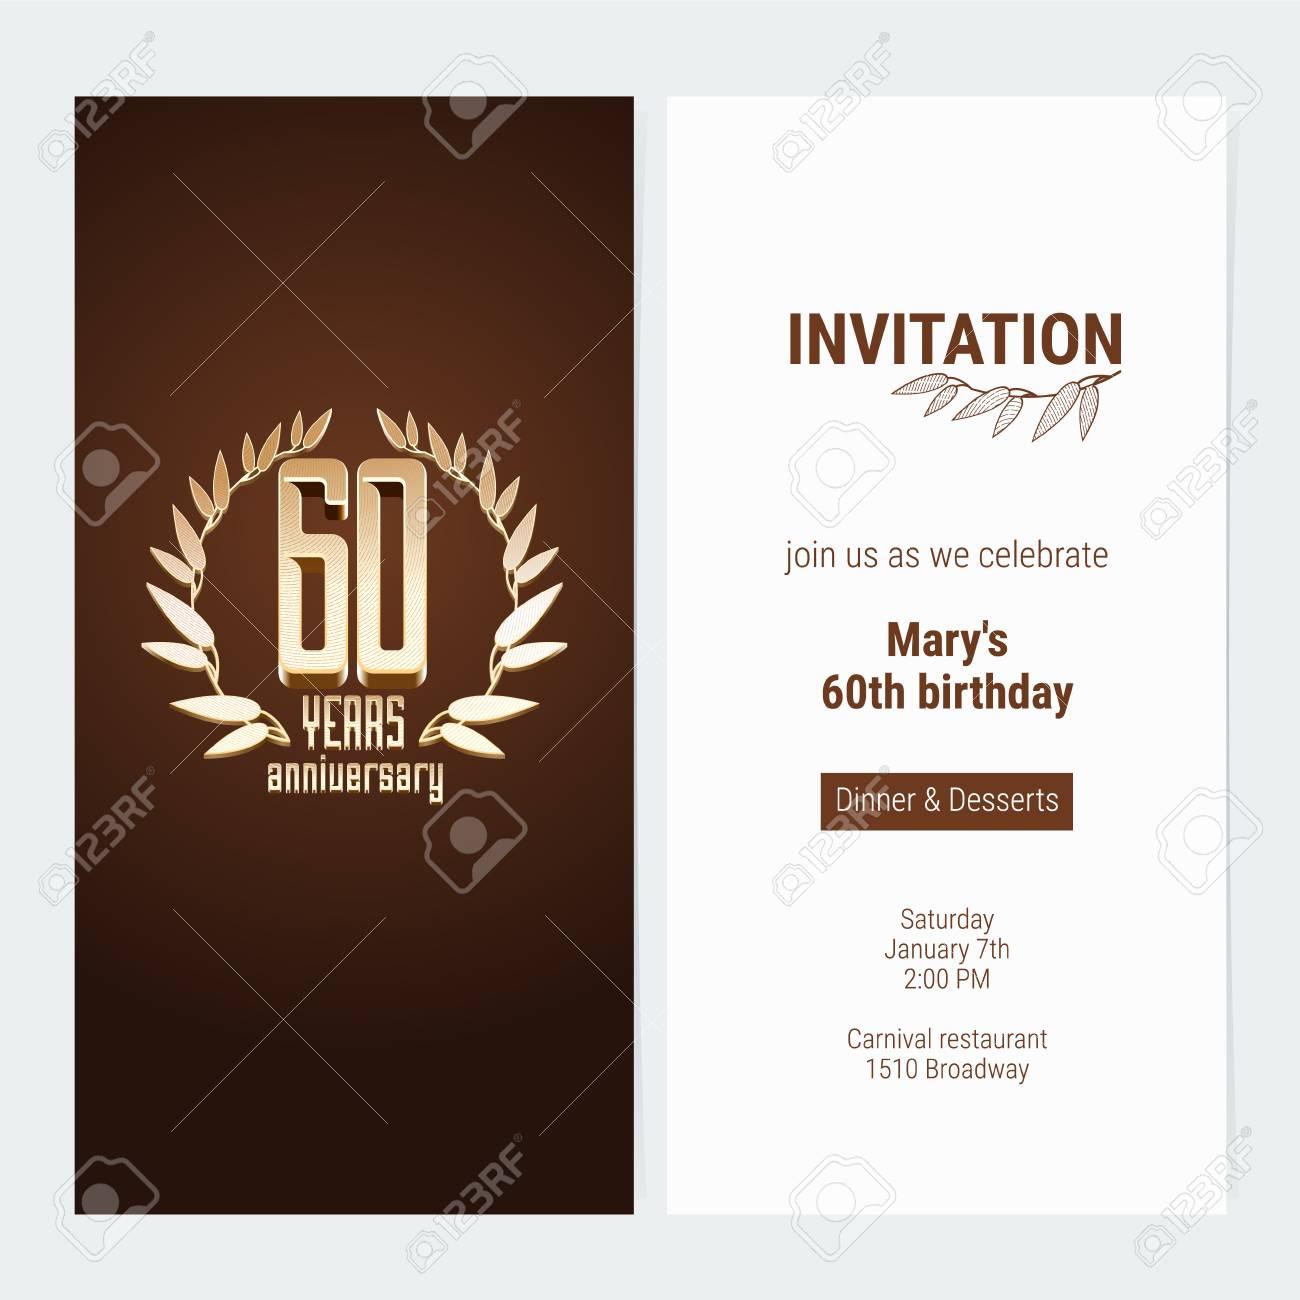 invitation d anniversaire de 60 ans pour celebrer l illustration de vecteur d evenement element de modele de conception avec le nombre d or et le